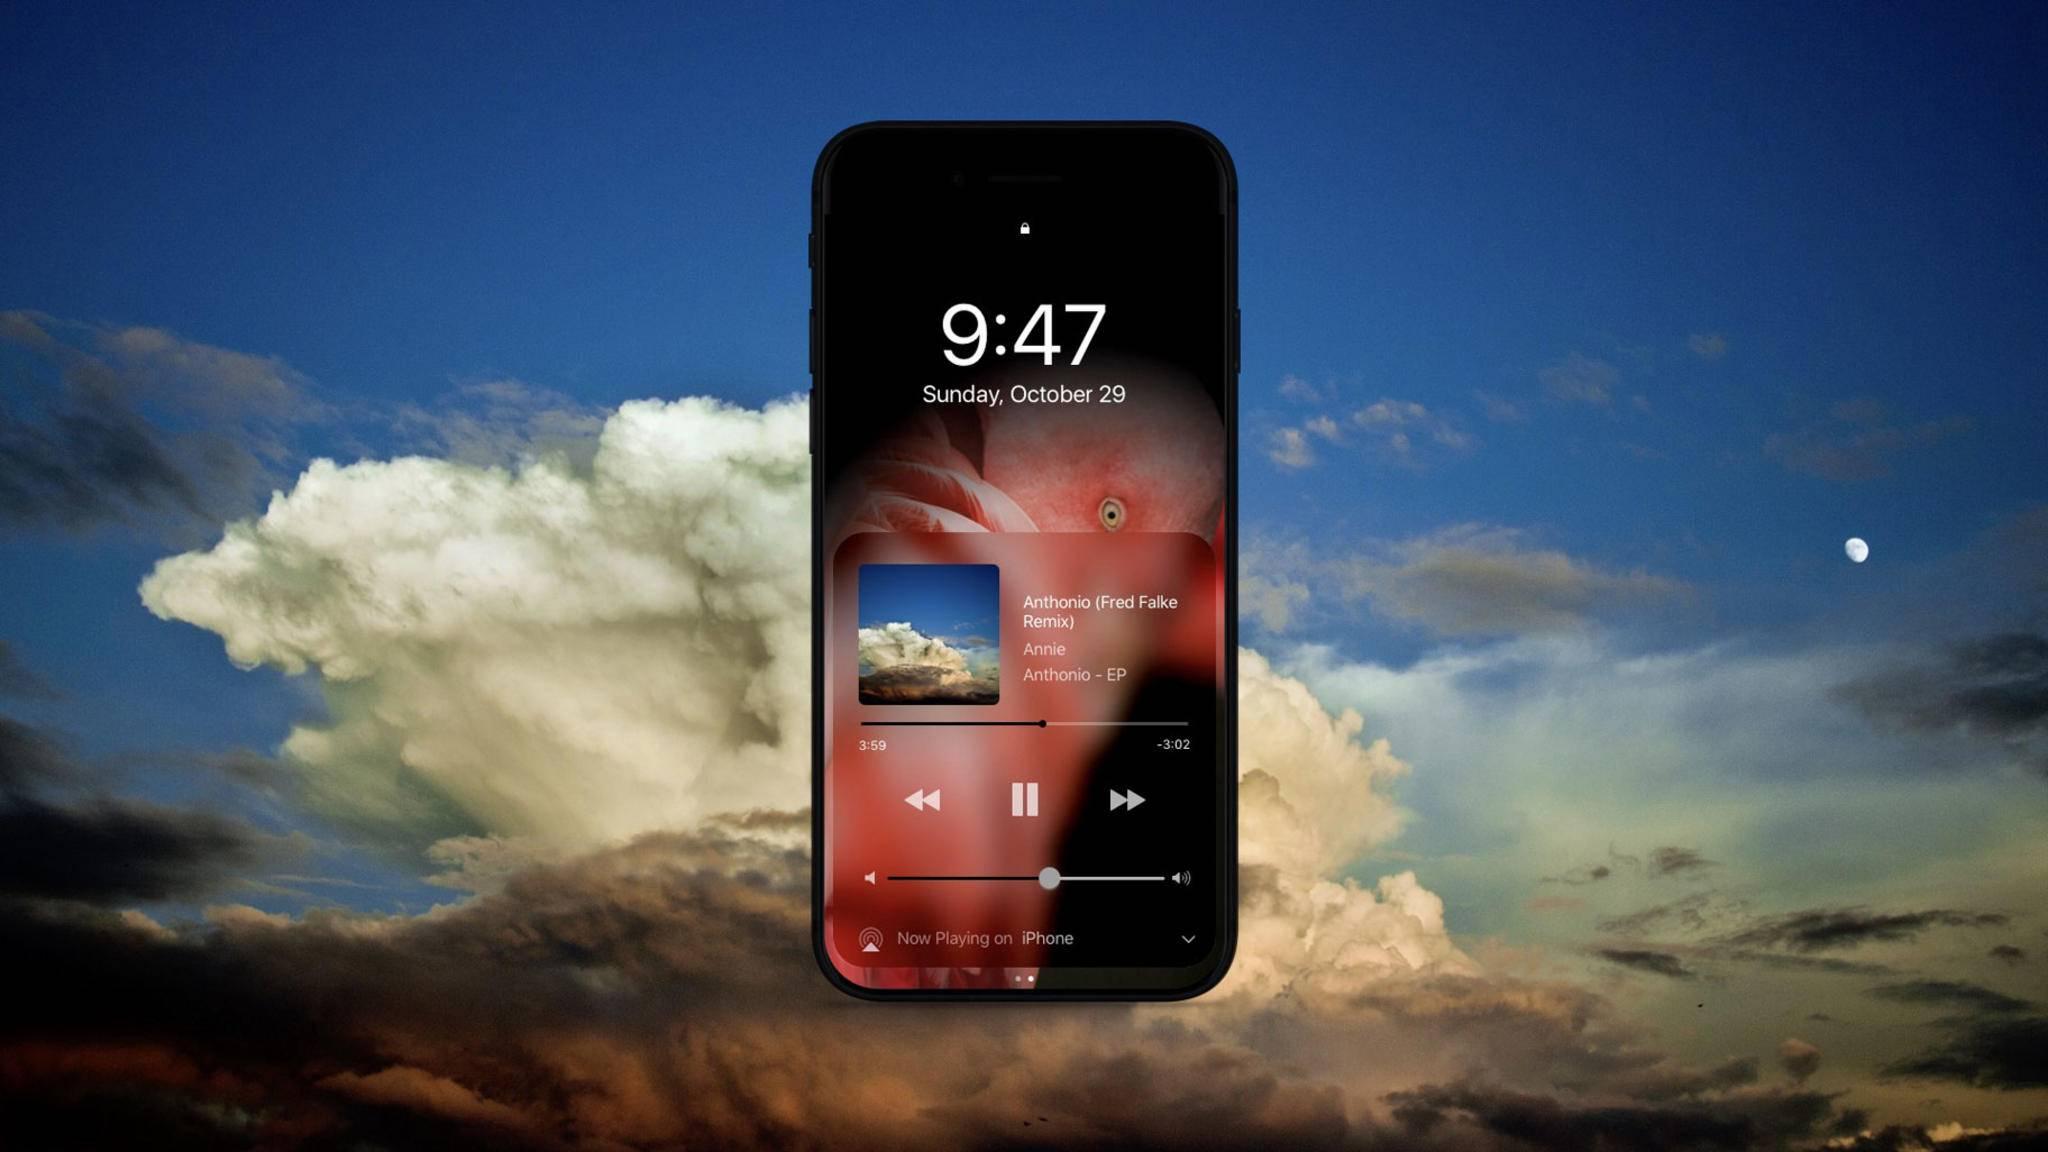 Das OLED-Display im iPhone 8 könnte für steigende Kosten bei 3D Touch sorgen.